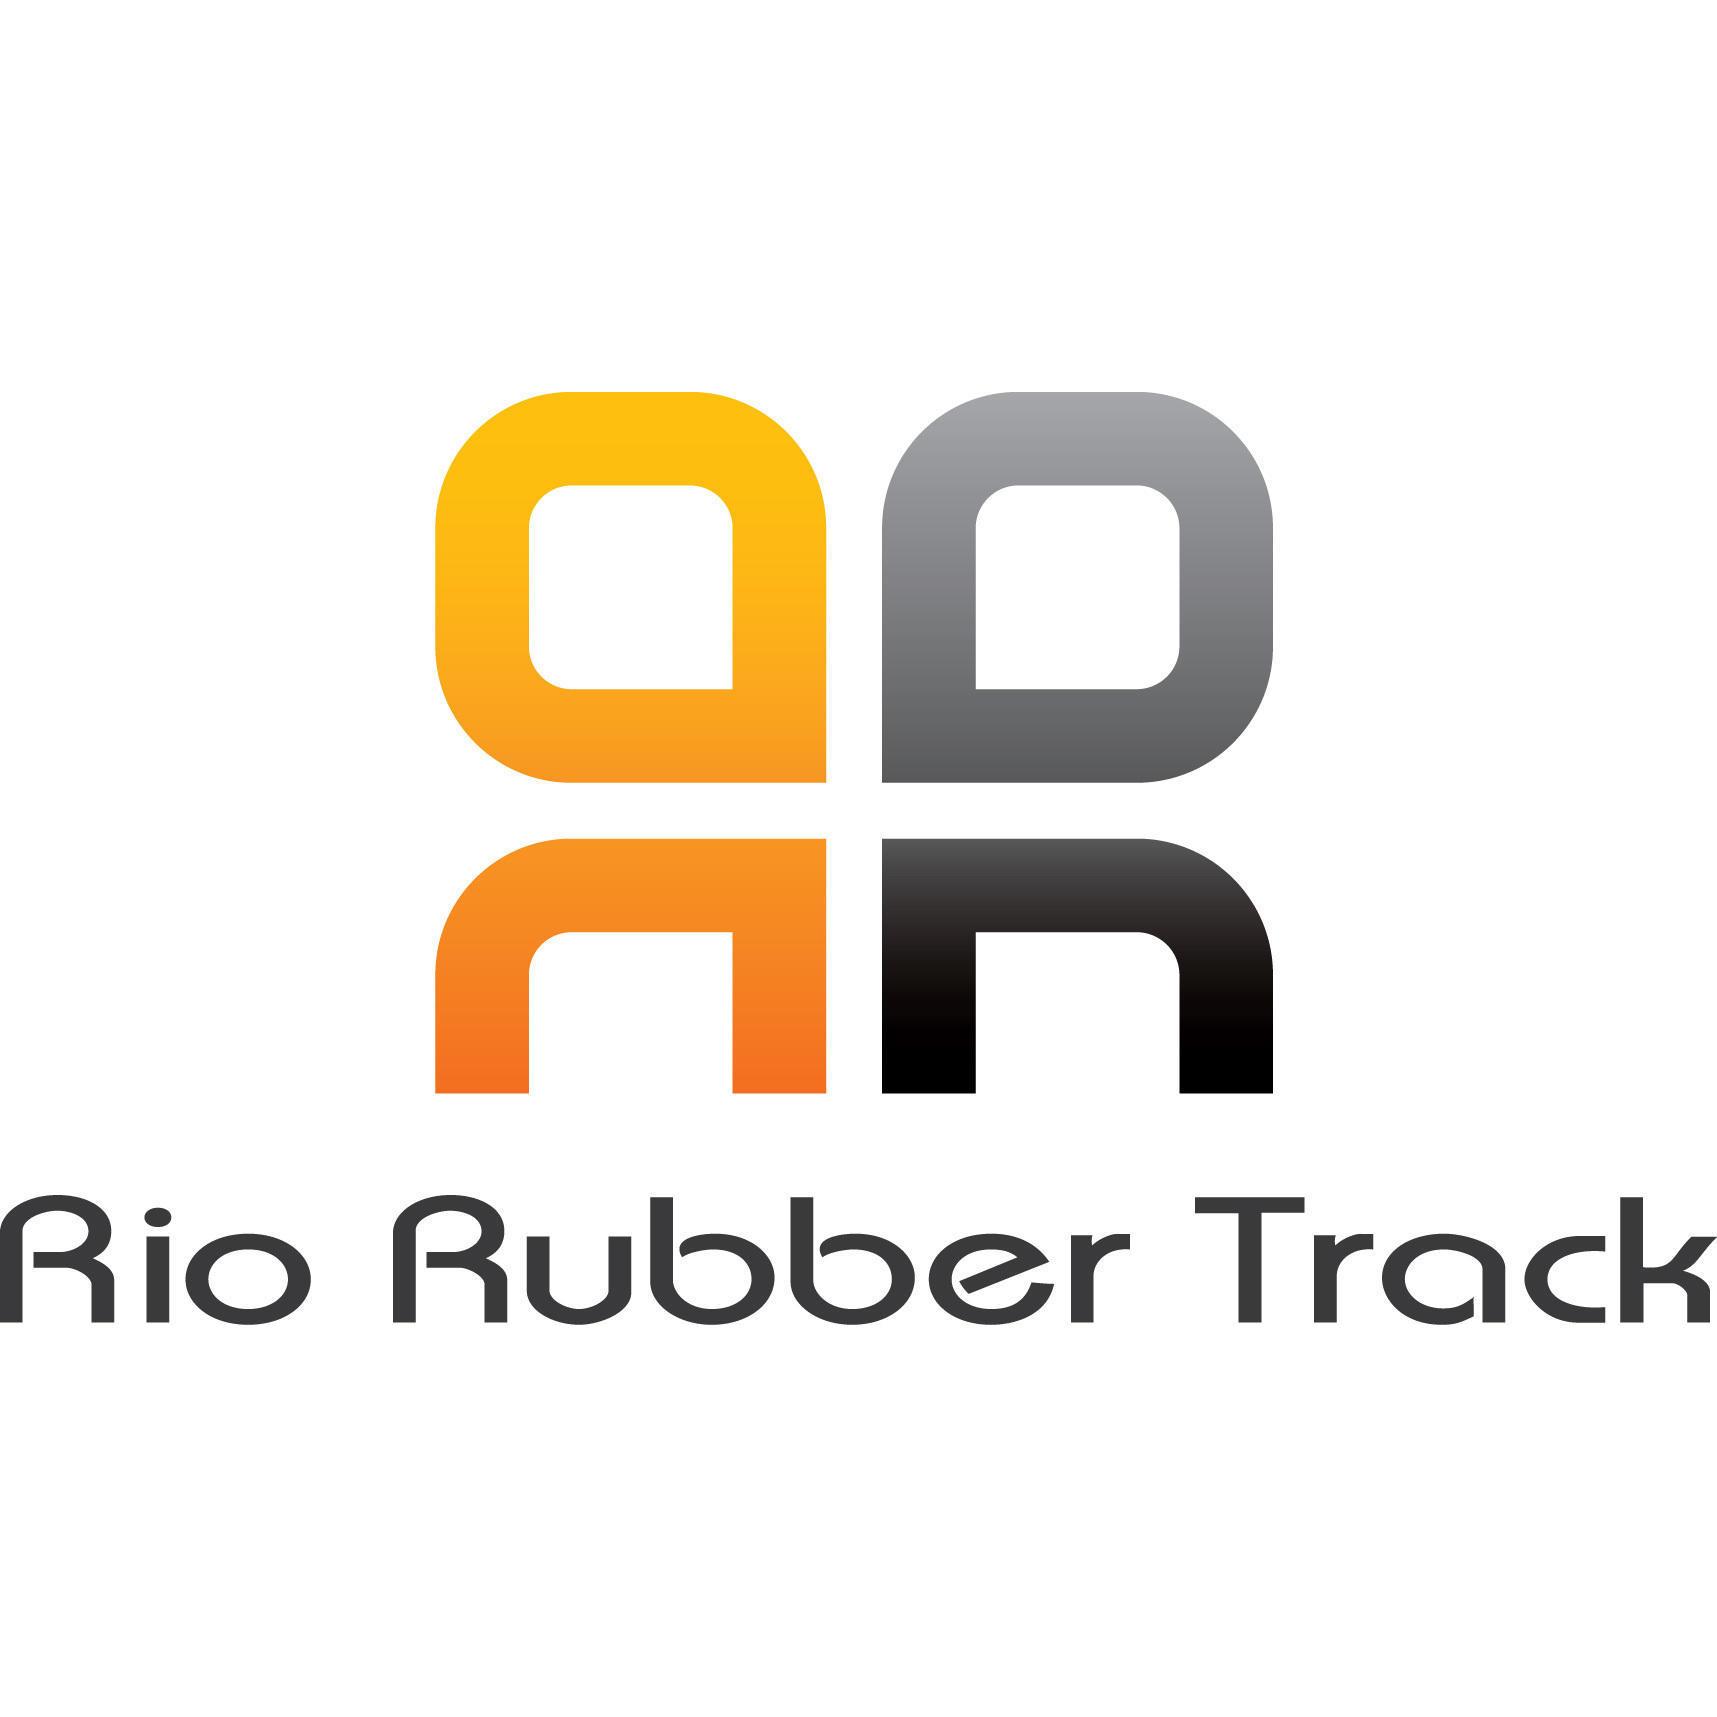 Rio Rubber Track, Inc.